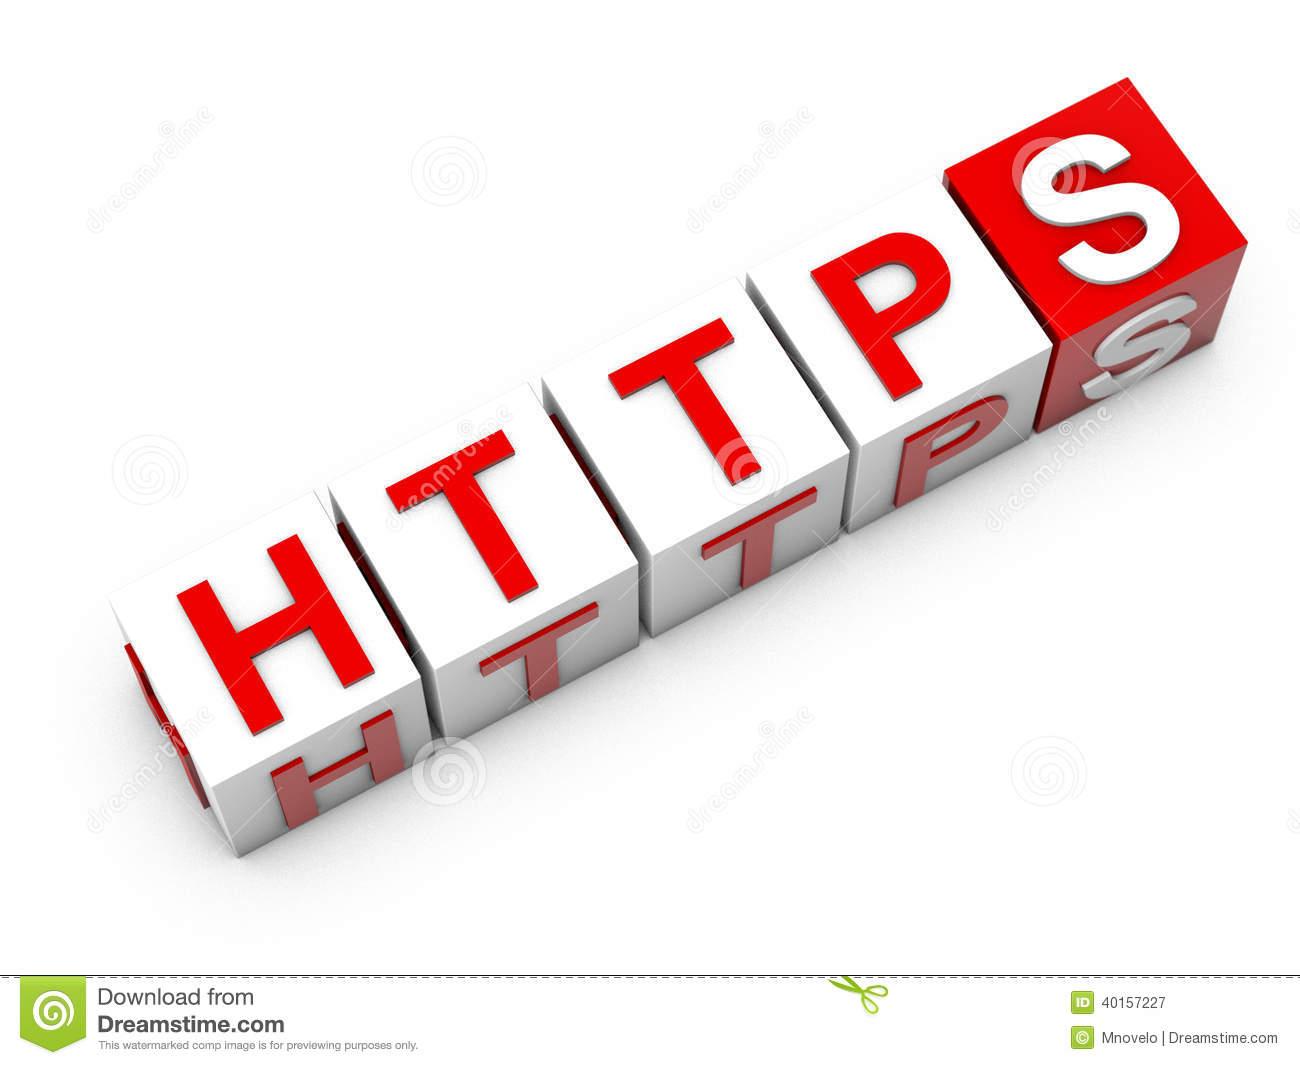 与用户沟通才能建设更好的网站